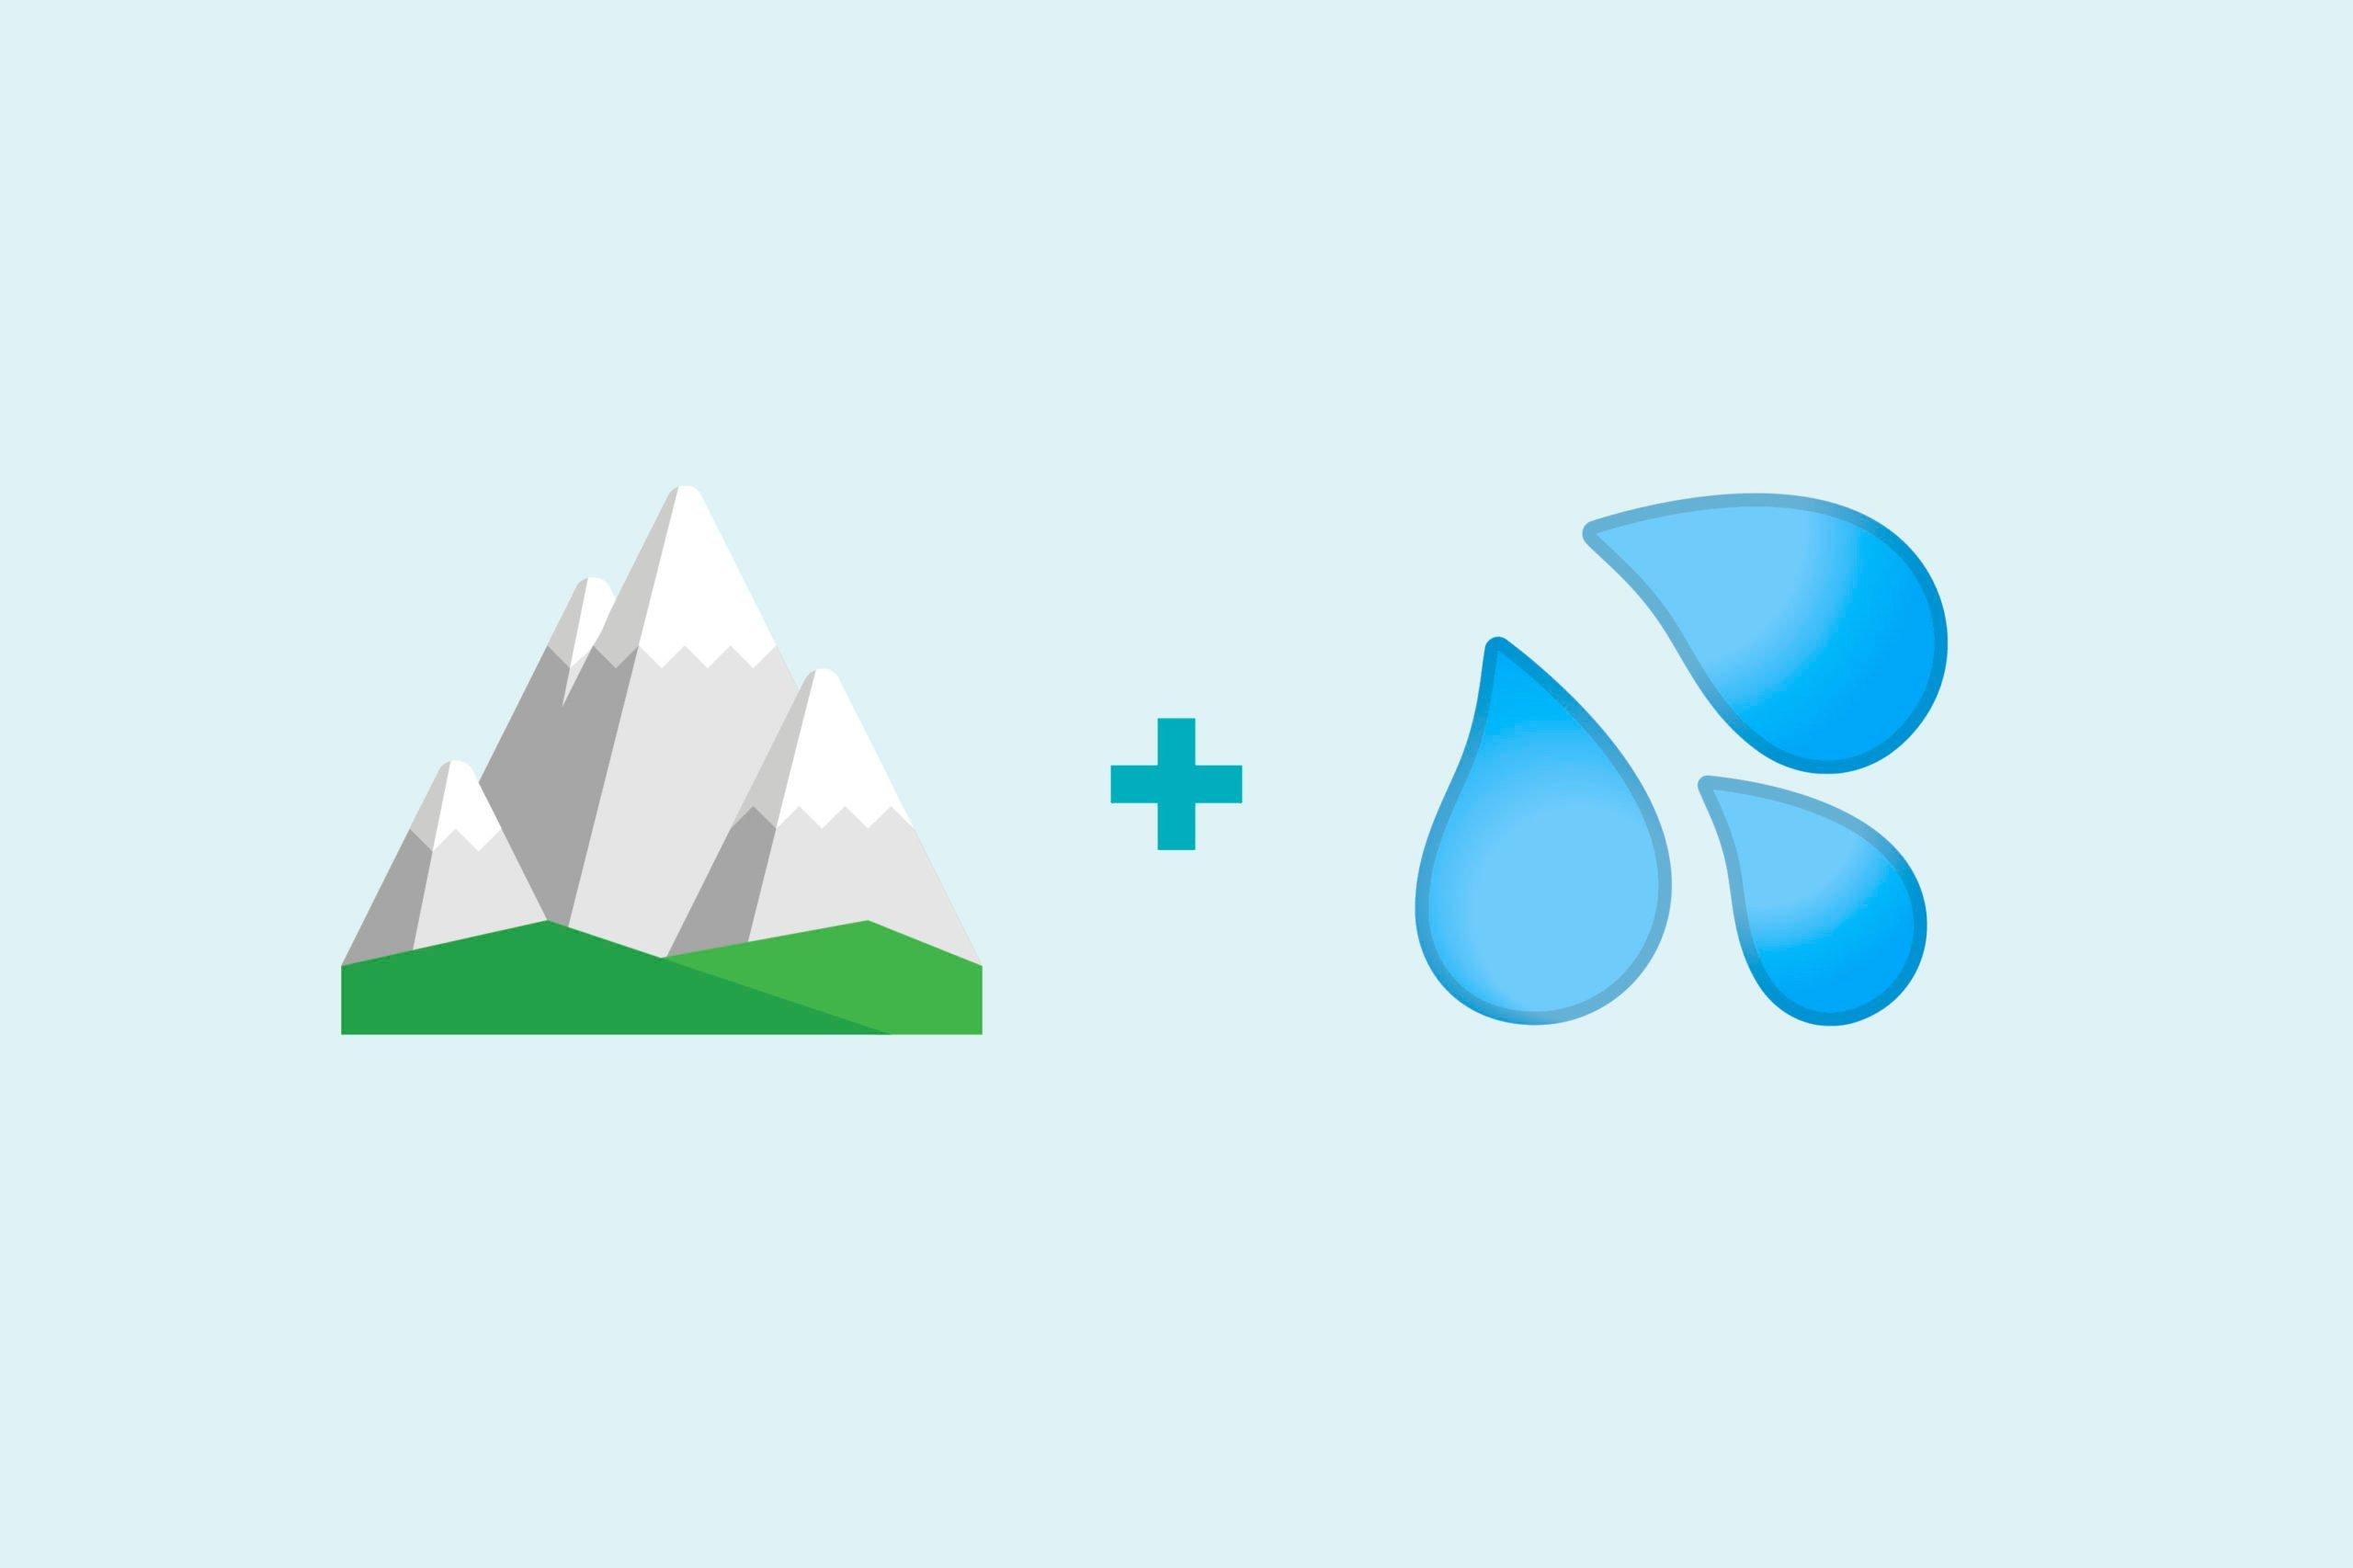 Mountain emoji + raindrop emoji